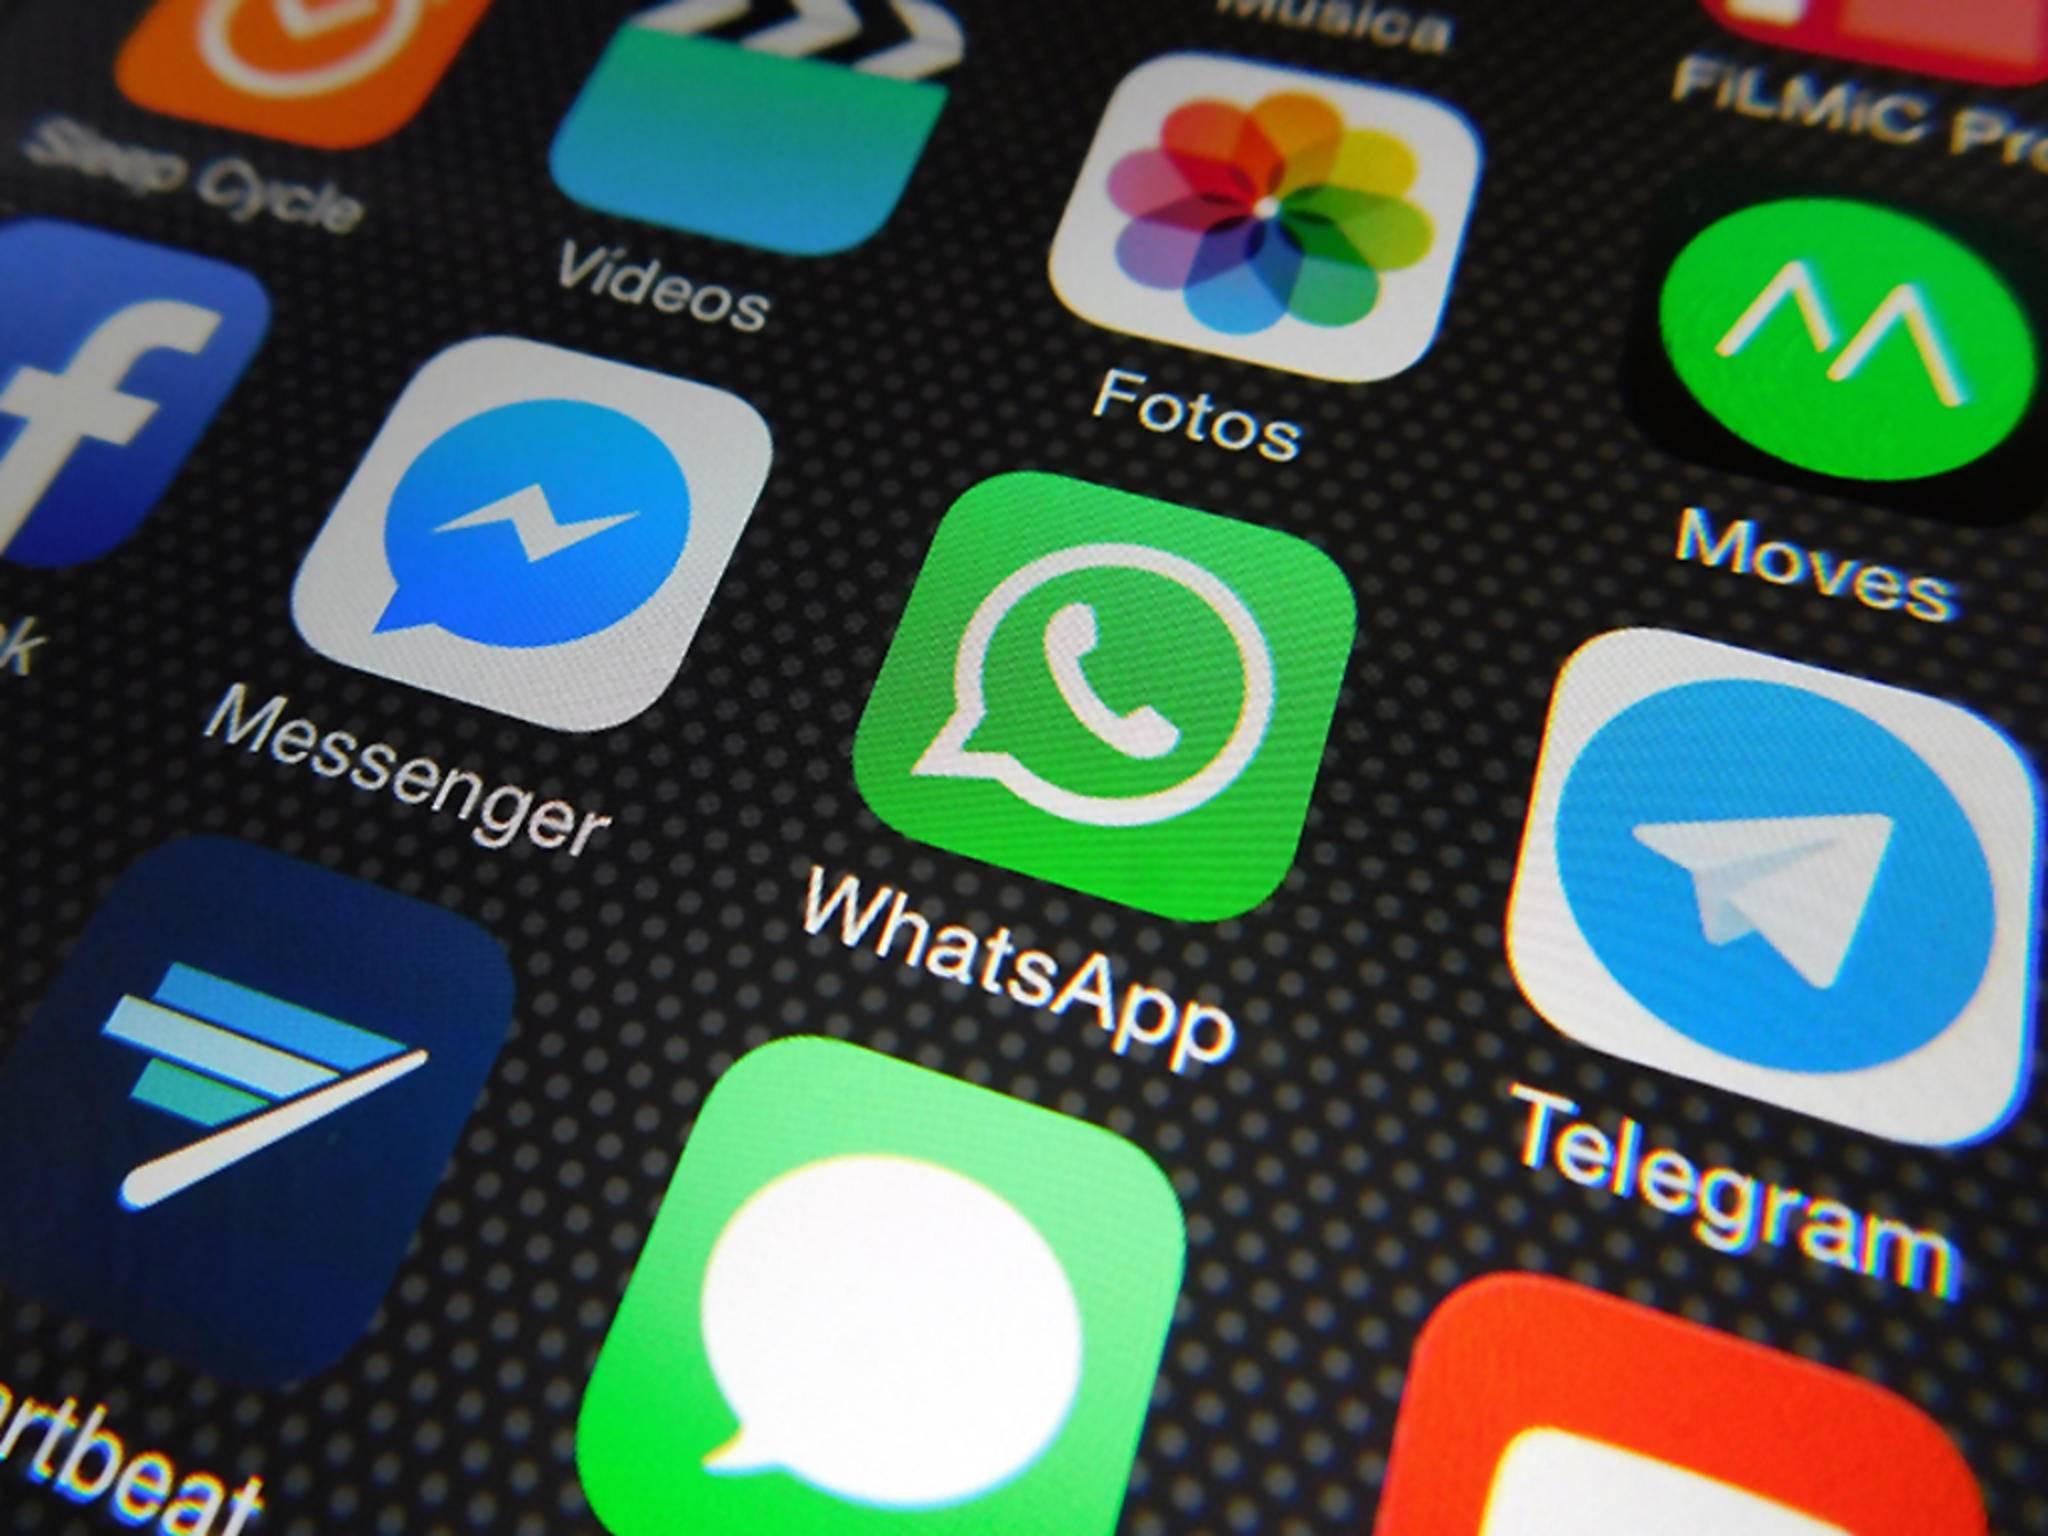 WhatsApp schneidet in Sachen Datenschutz deutlich schlechter als Apple ab.